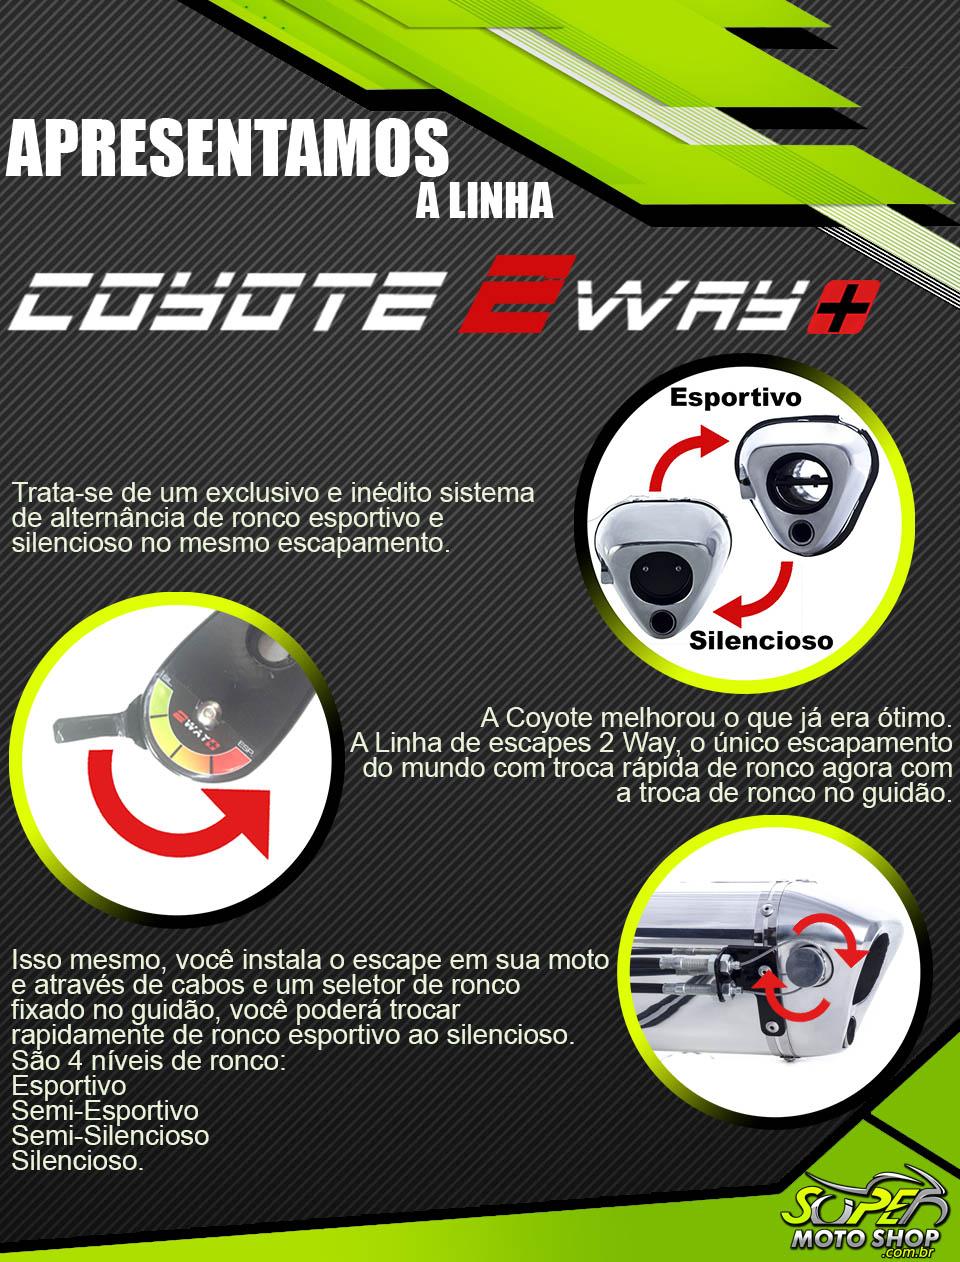 Escape / Ponteira Coyote Modelo TRS 2 Way + Mais em Alumínio - F 850 GS Adventure - BMW